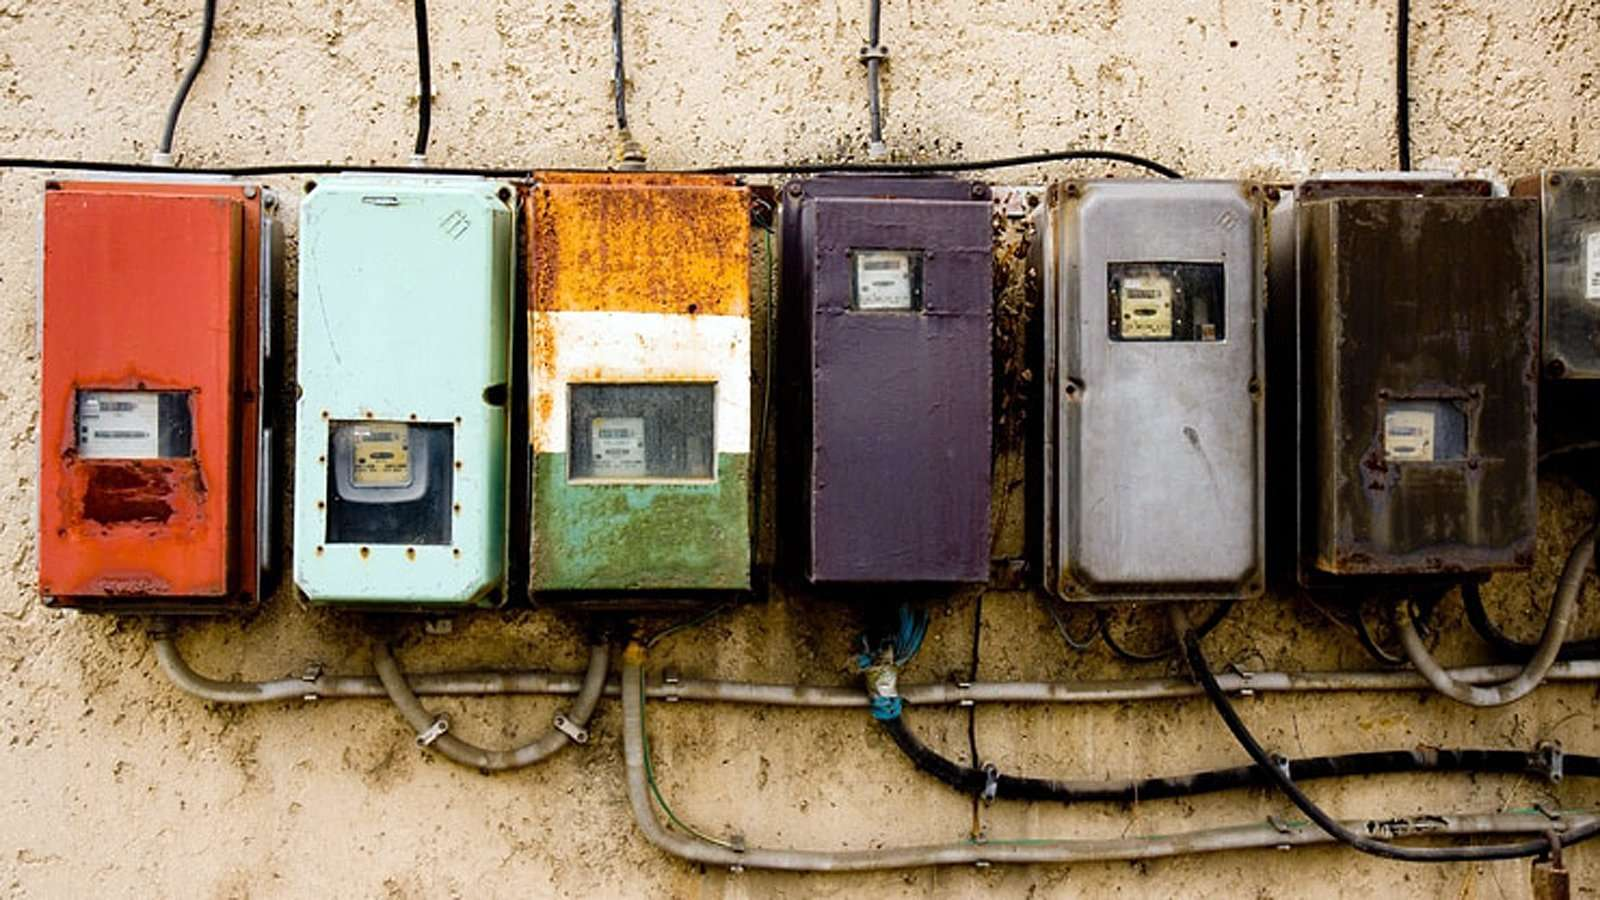 Contatore enel - come funziona e limiti